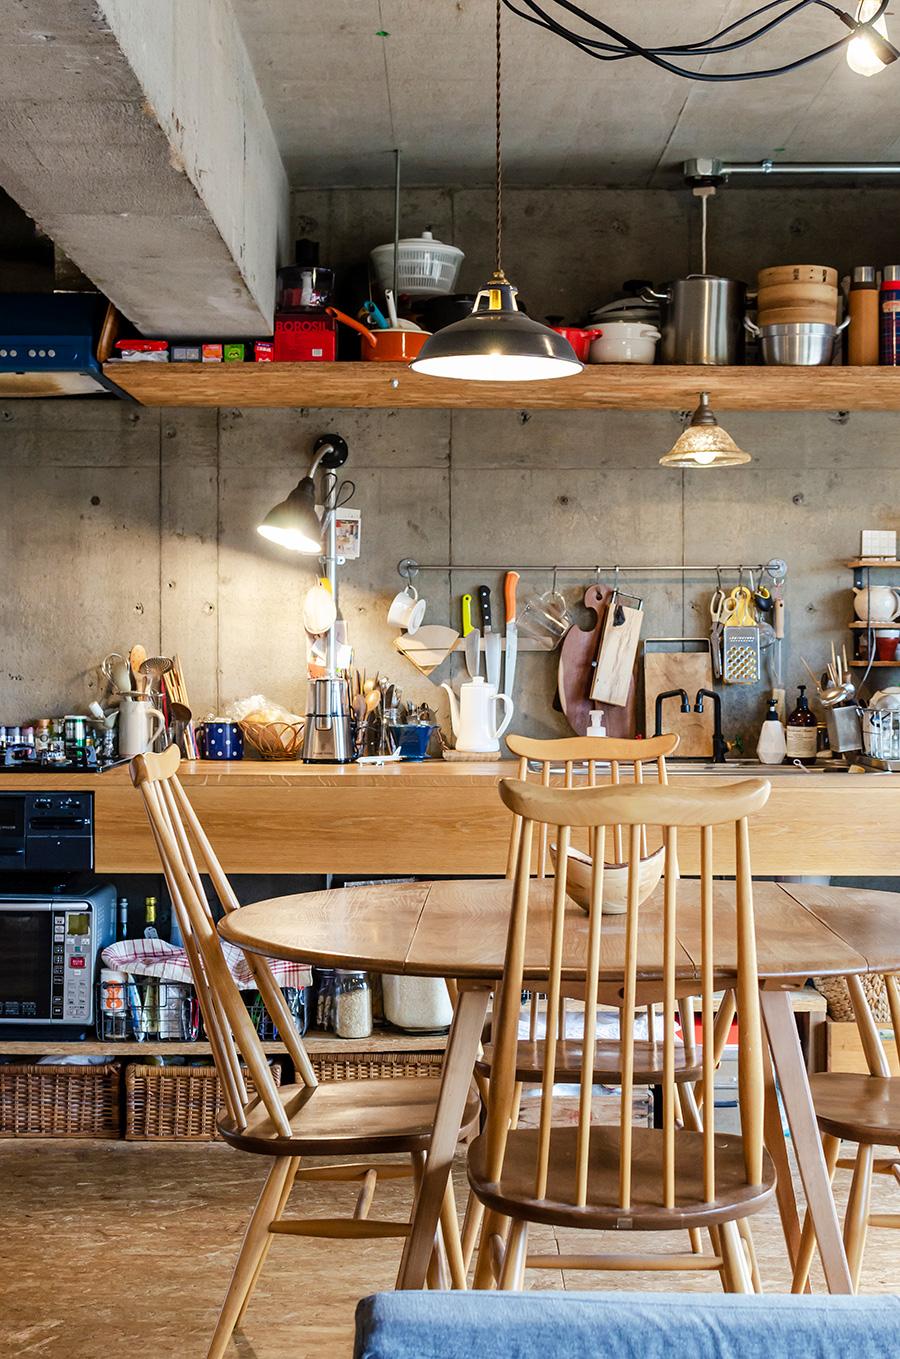 木製の天板が一直線に貫く壁付けキッチン。